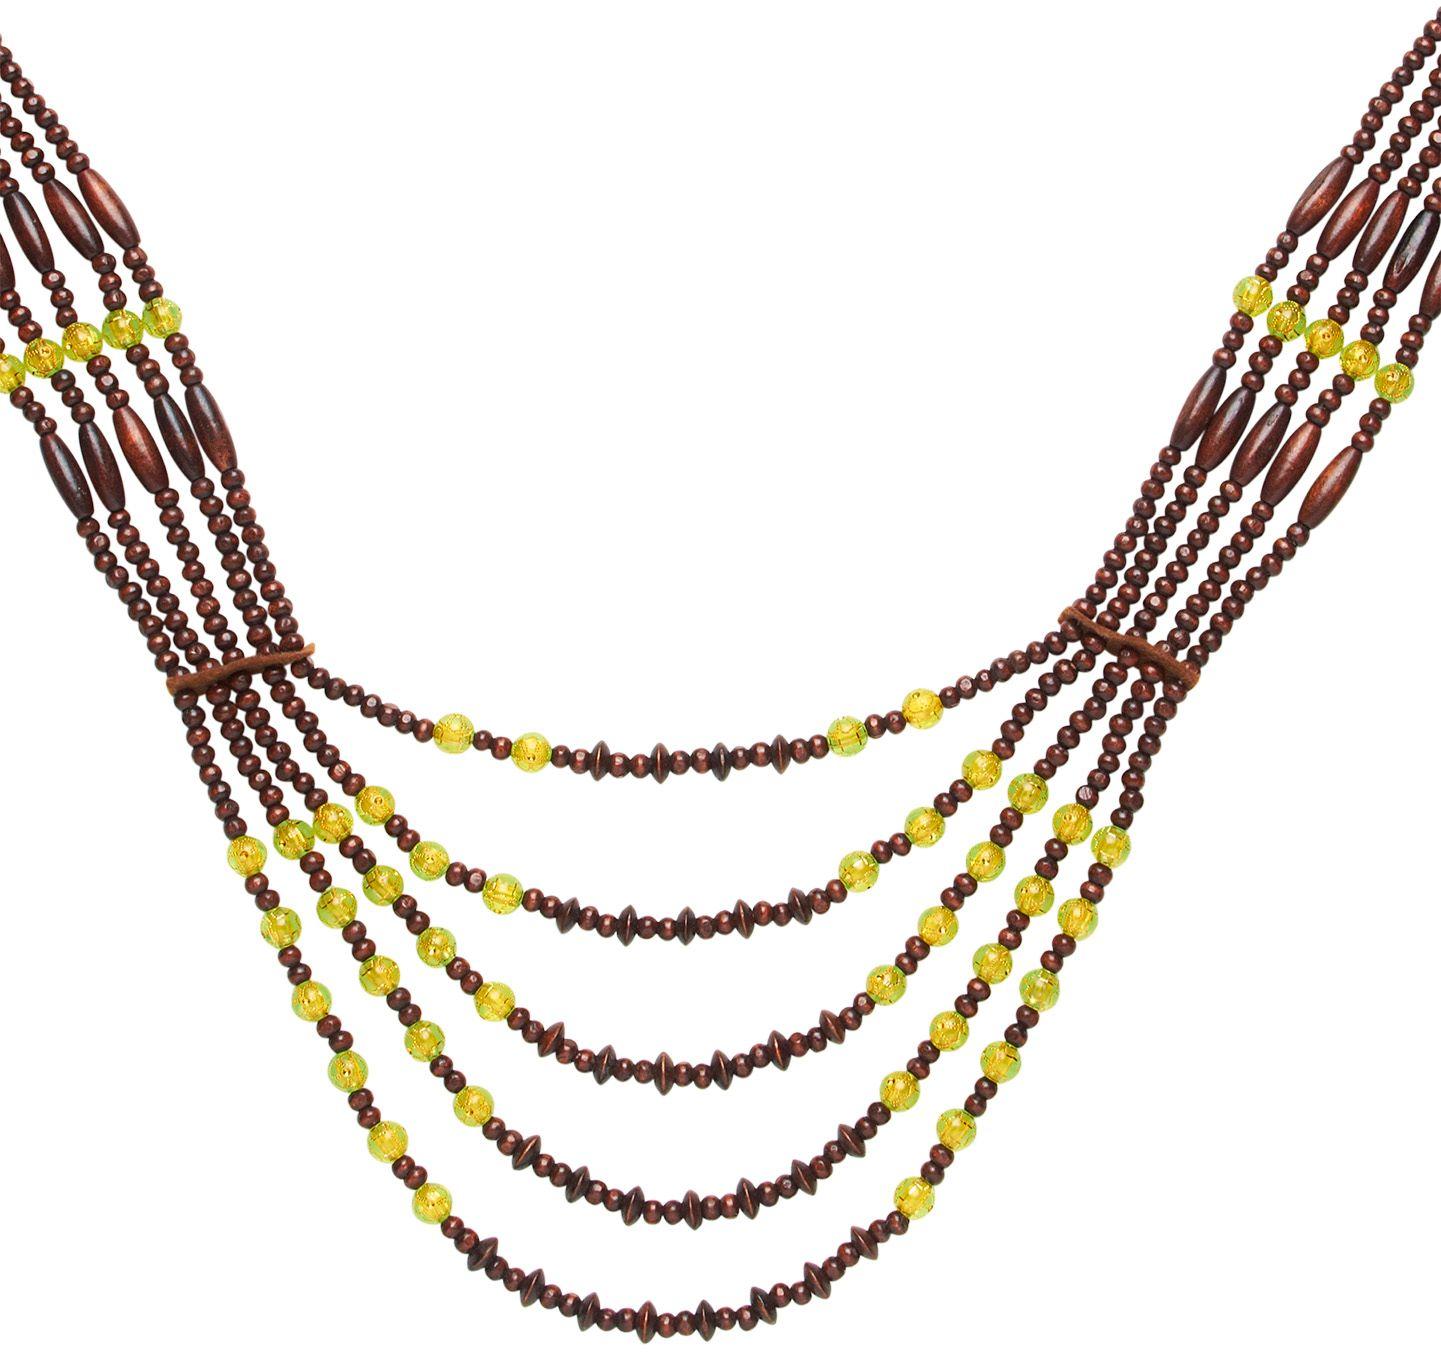 Bruine Afrikaanse tribale ketting